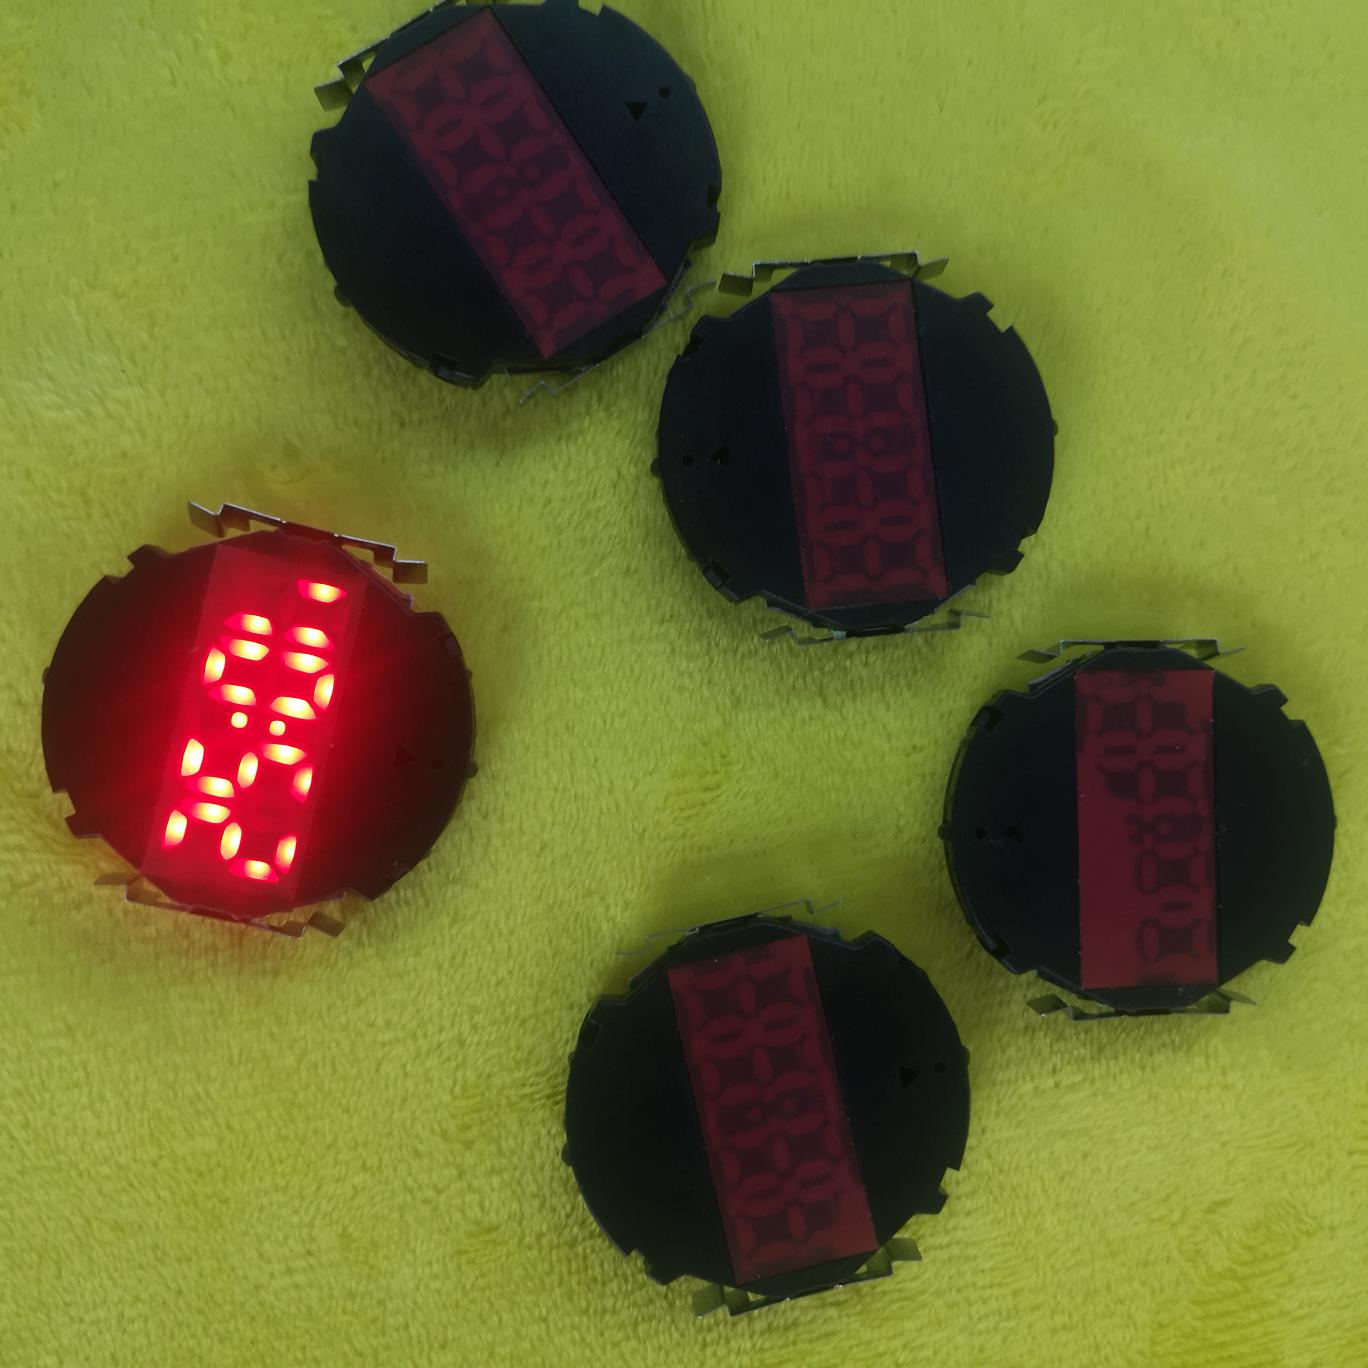 电子表机芯LED电子表机芯发光电子表机型发光配件